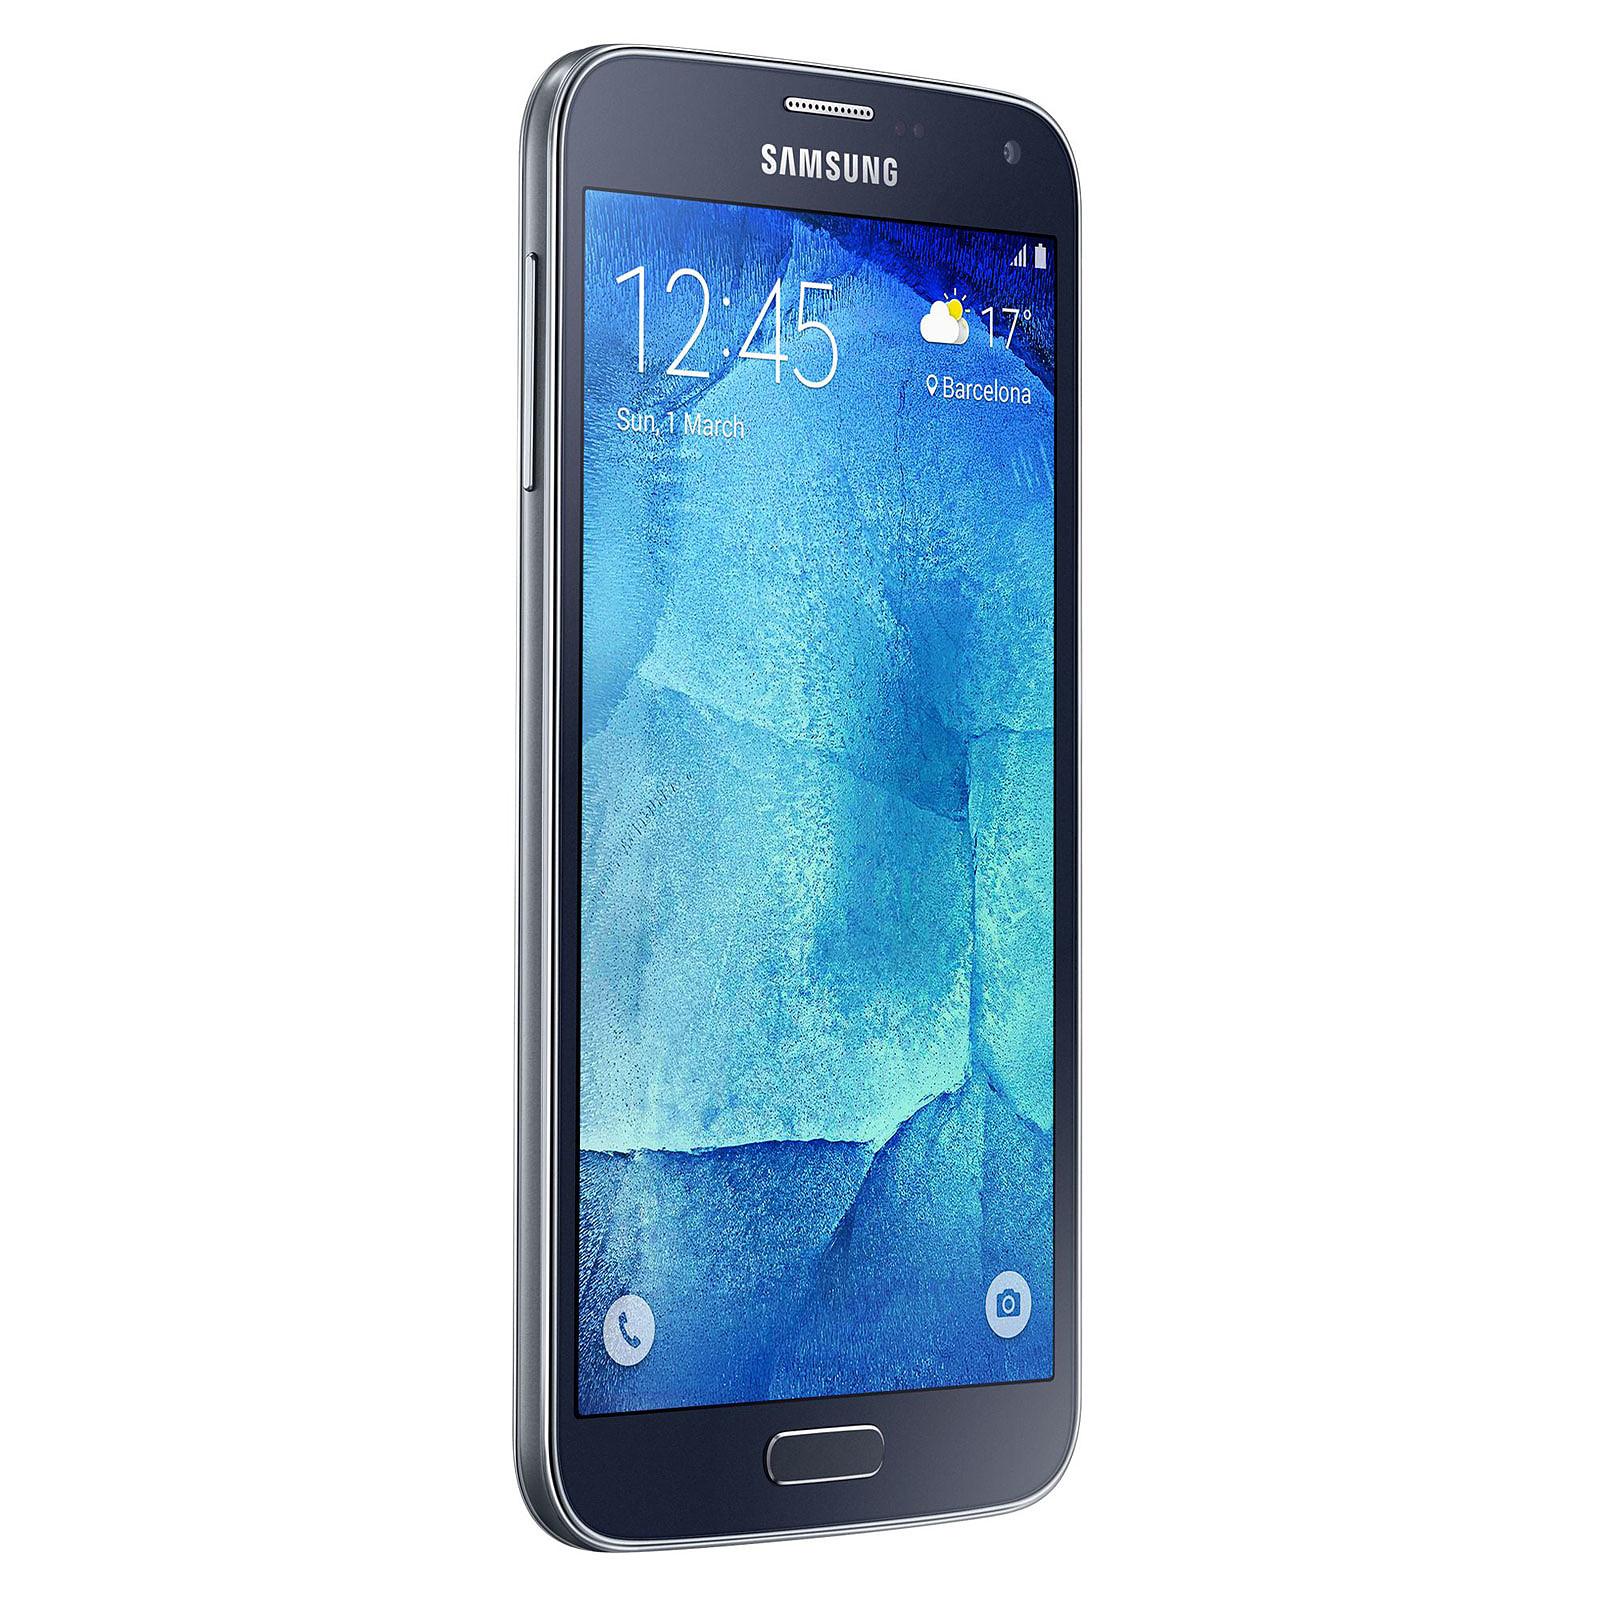 e7157b36437 Samsung Galaxy S5 Neo SM-G903 Noir 16 Go - Mobile & smartphone ...